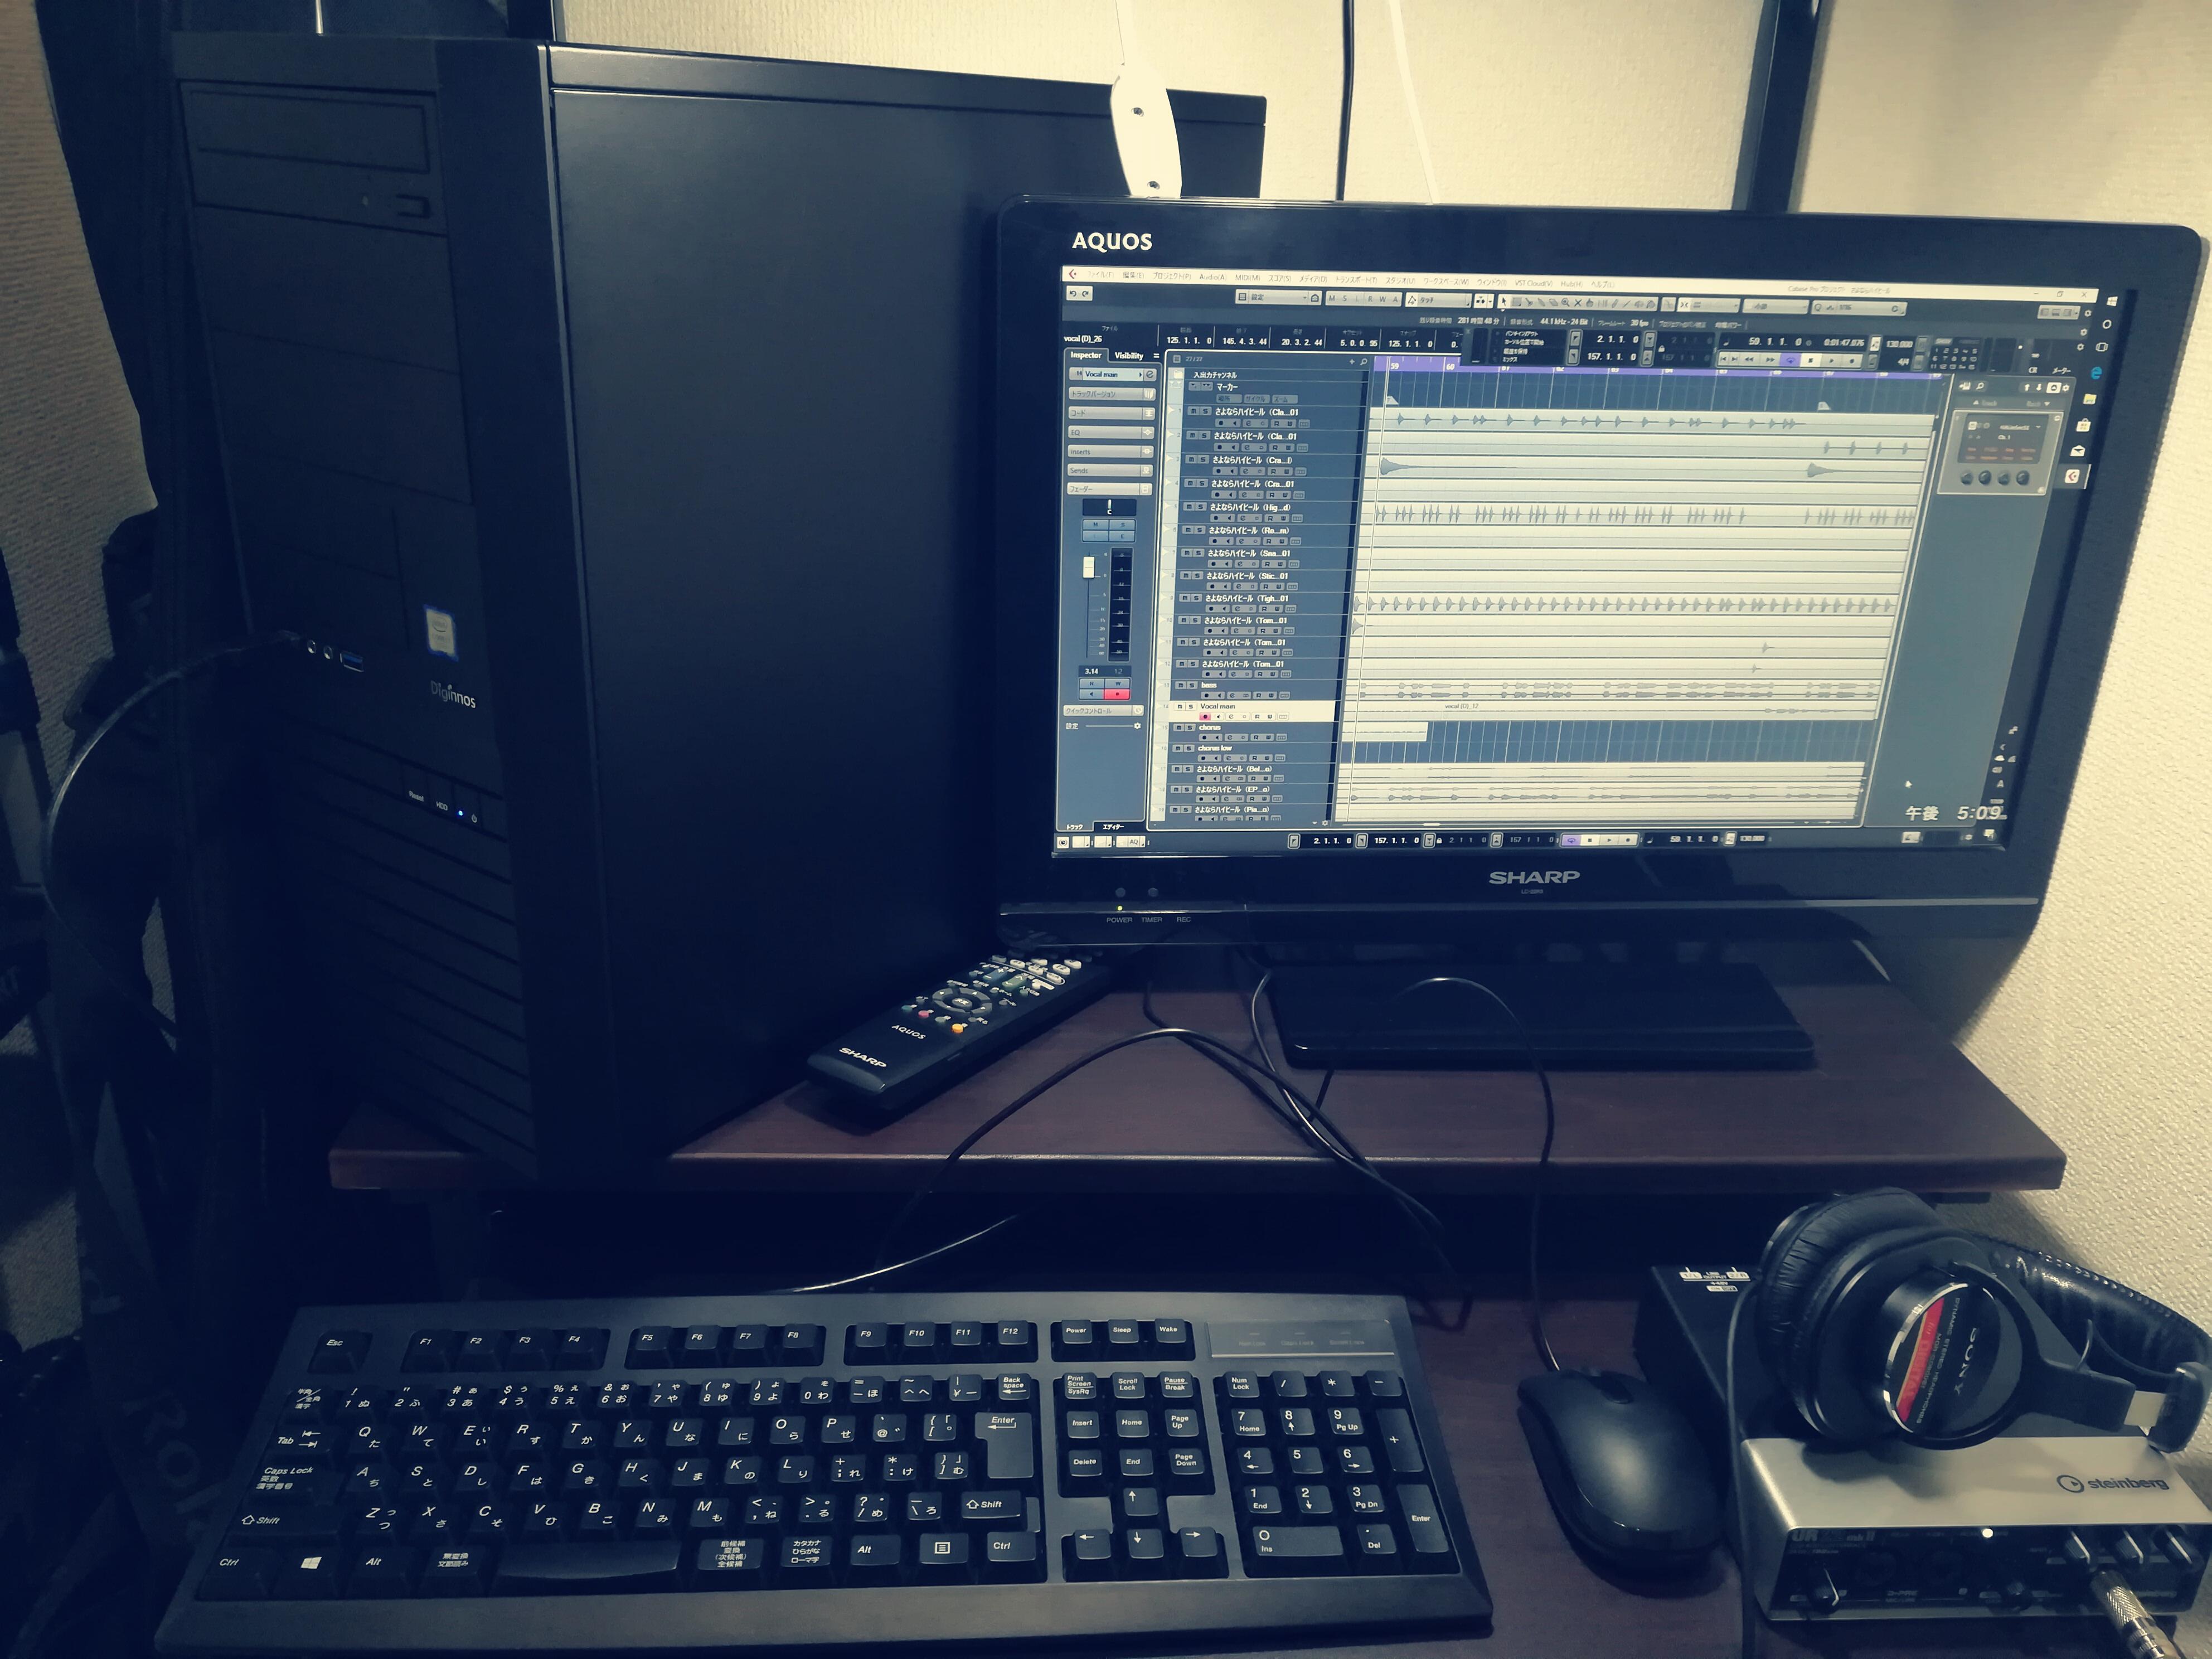 ミュージシャンは宅録環境を整えれば、ウェブで仕事ができる時代です。